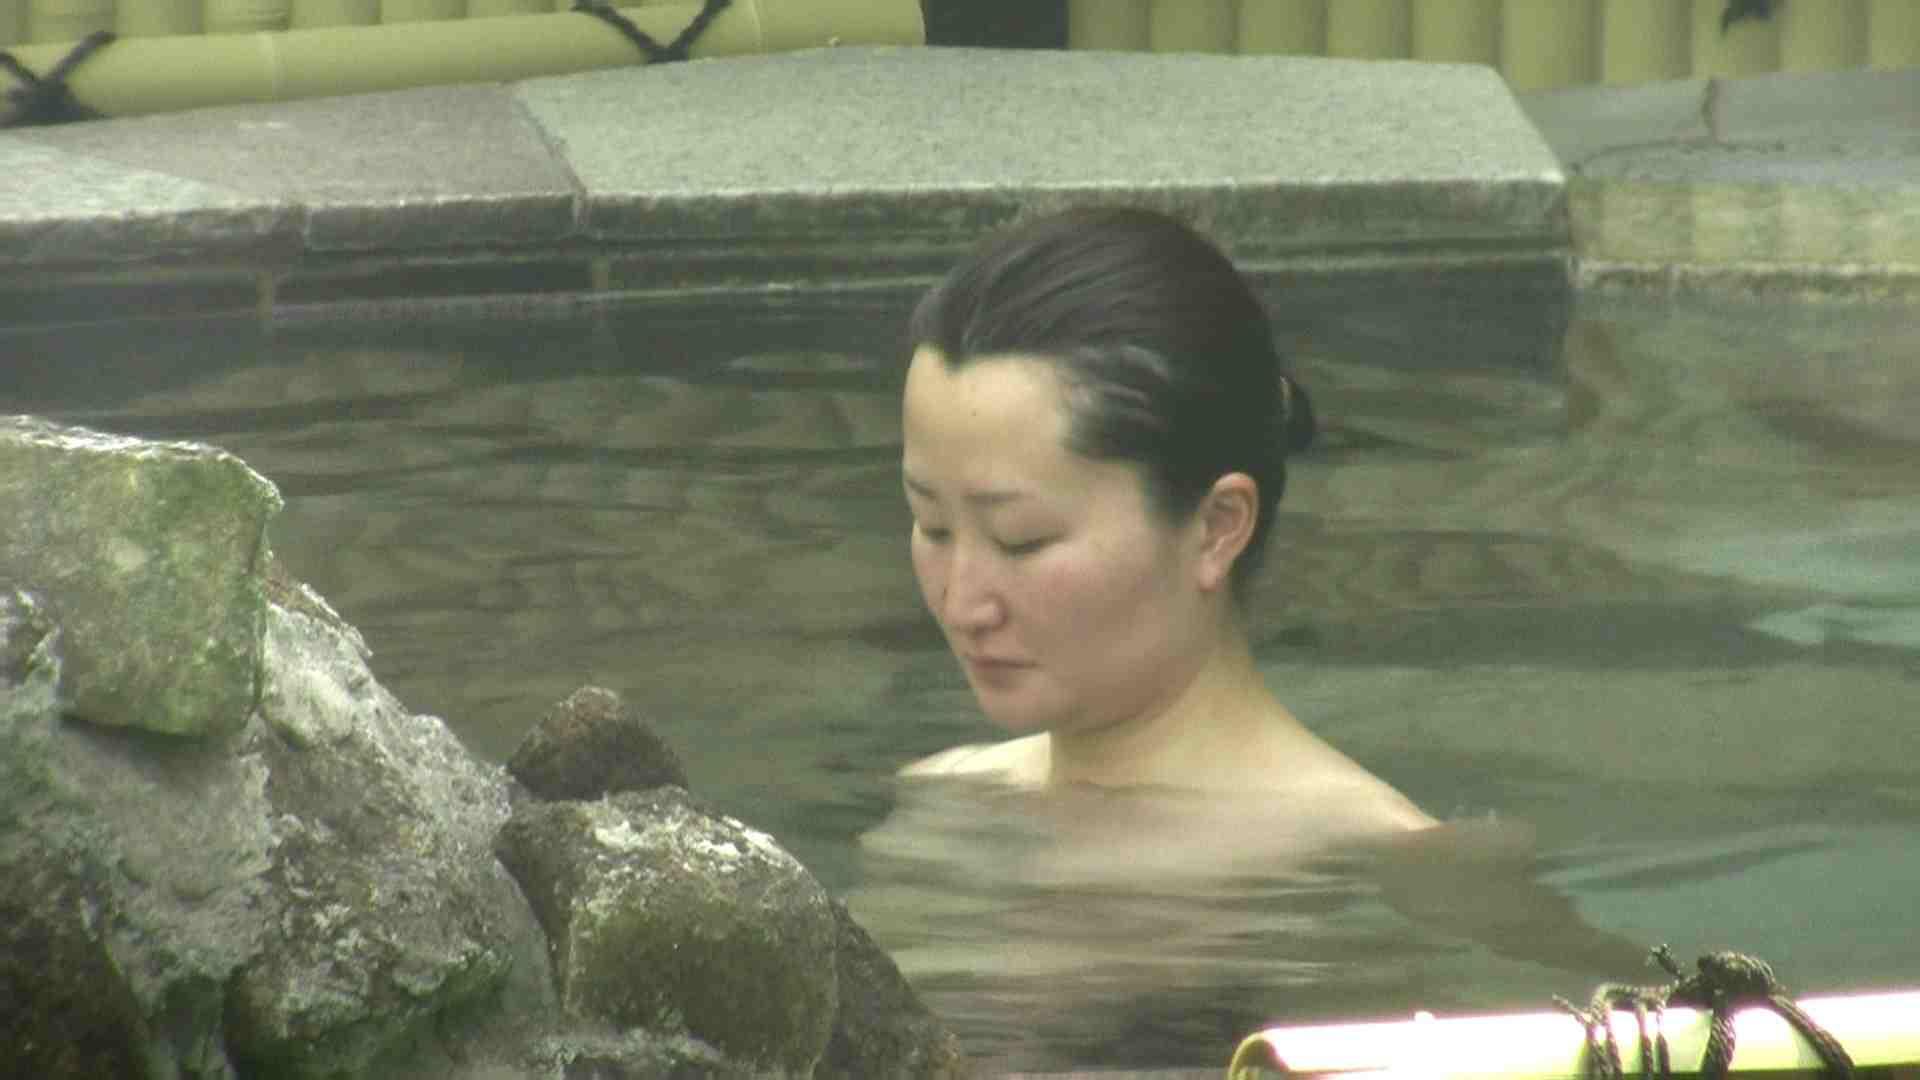 Aquaな露天風呂Vol.632 盗撮  70画像 27